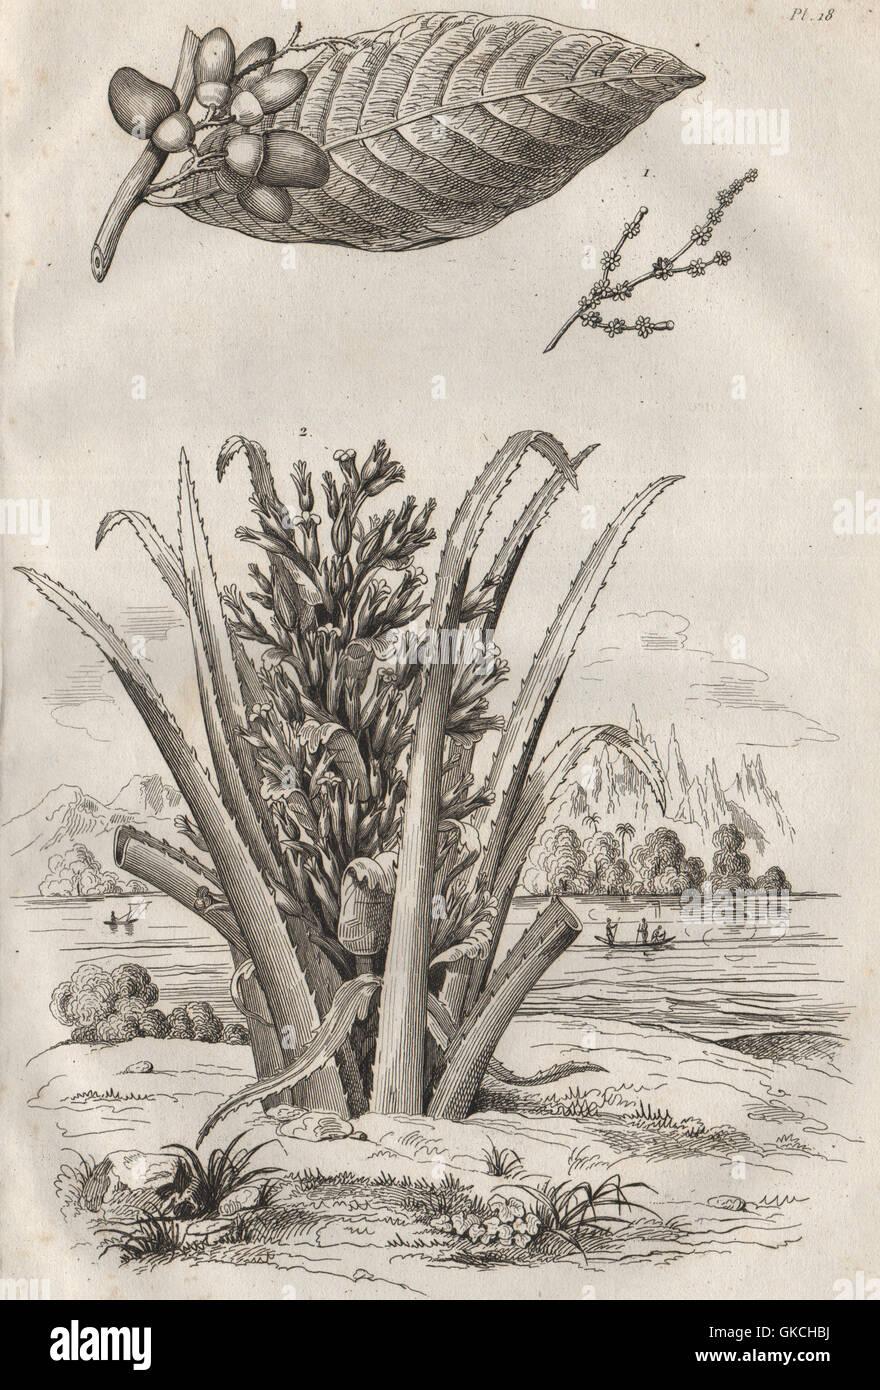 Piante: Anacardier (anacardi). Ananas Sauvage. Ananas, antica stampa 1834 Immagini Stock